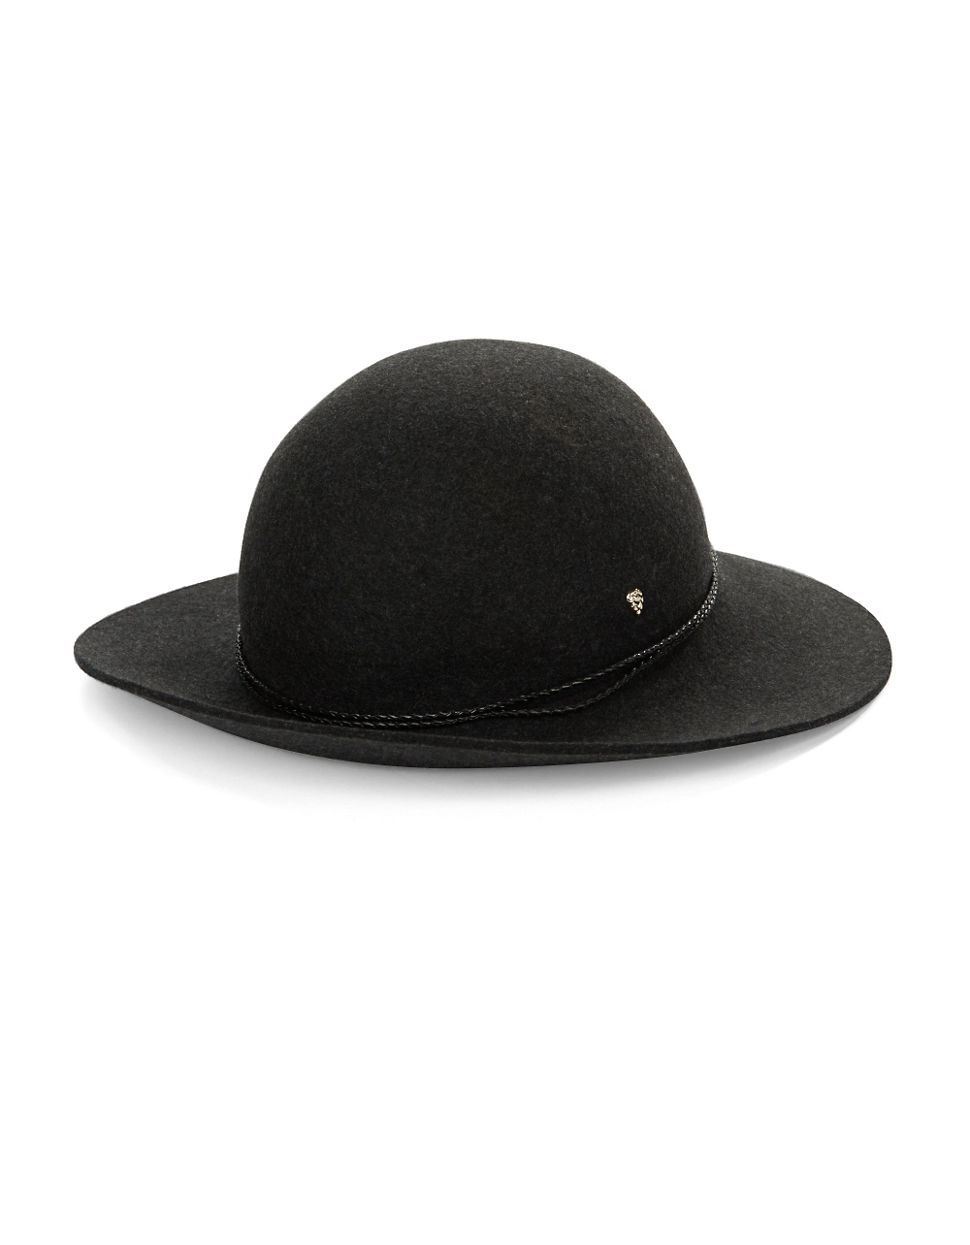 7592faabf653c Lyst - Helen Kaminski Brynn Leather-trimmed Wool Hat in Gray